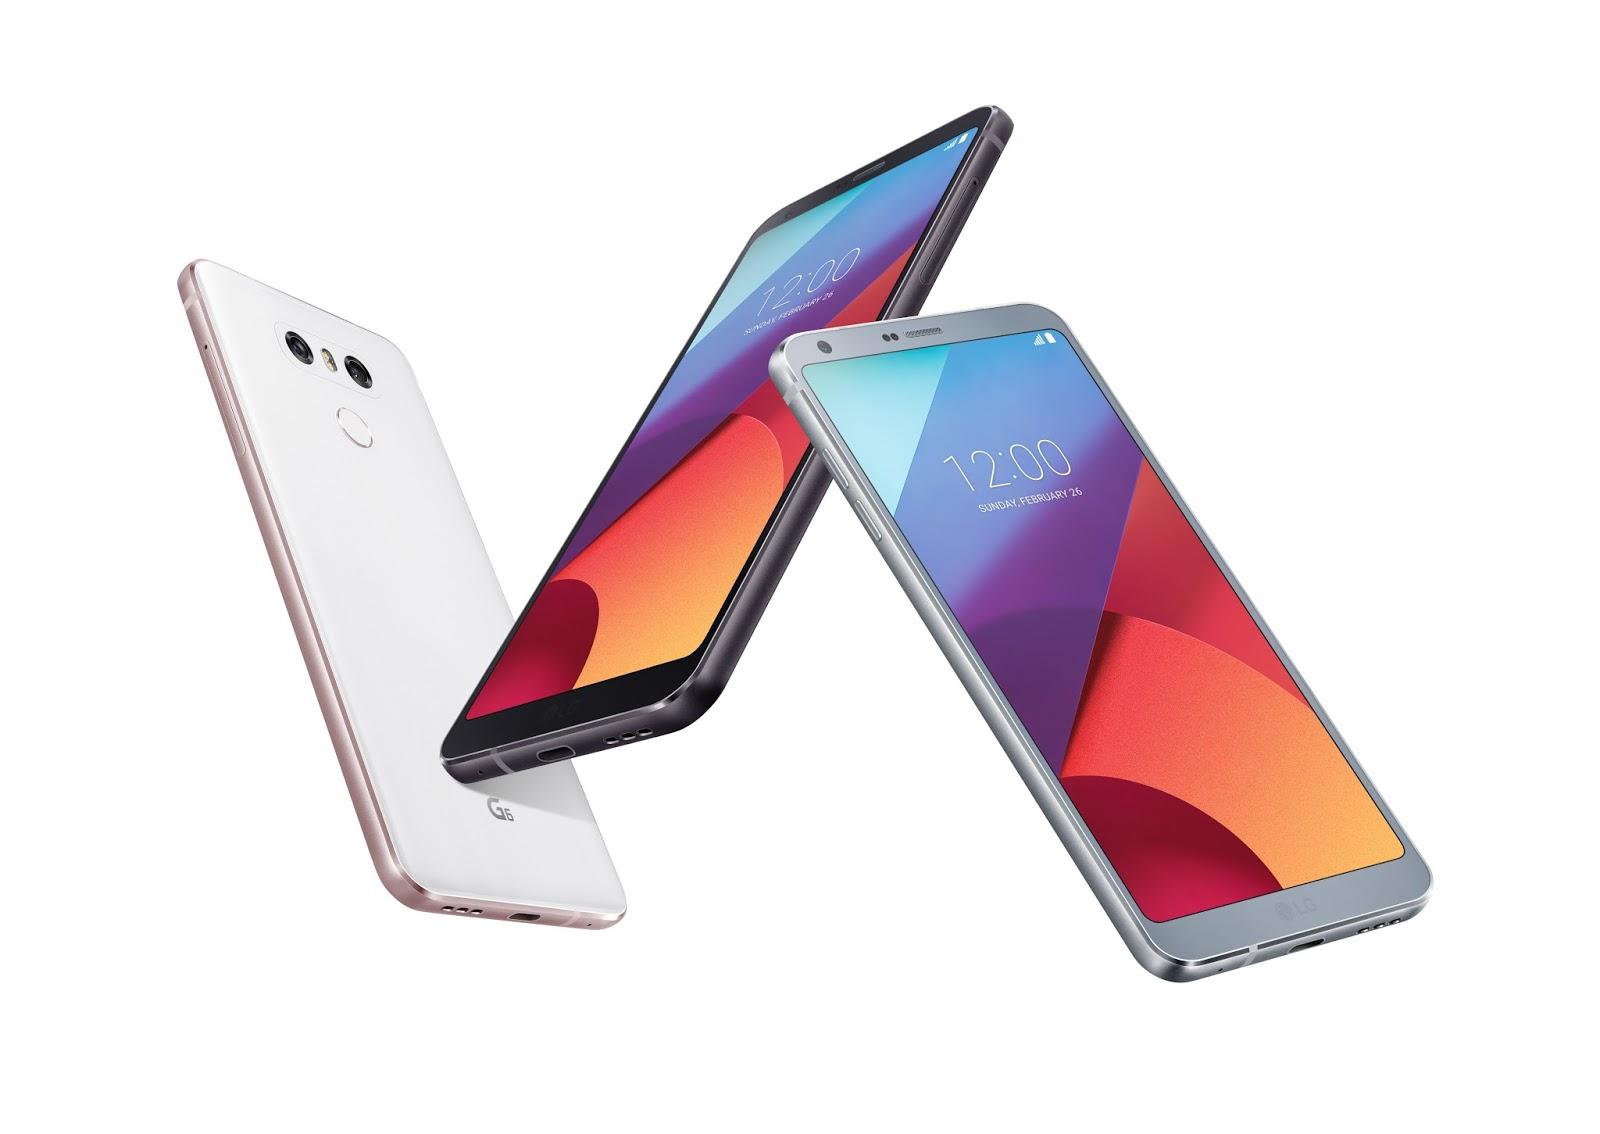 Nuovo LG G6 | Immagini - Video - Caratteristiche 3 HTNovo